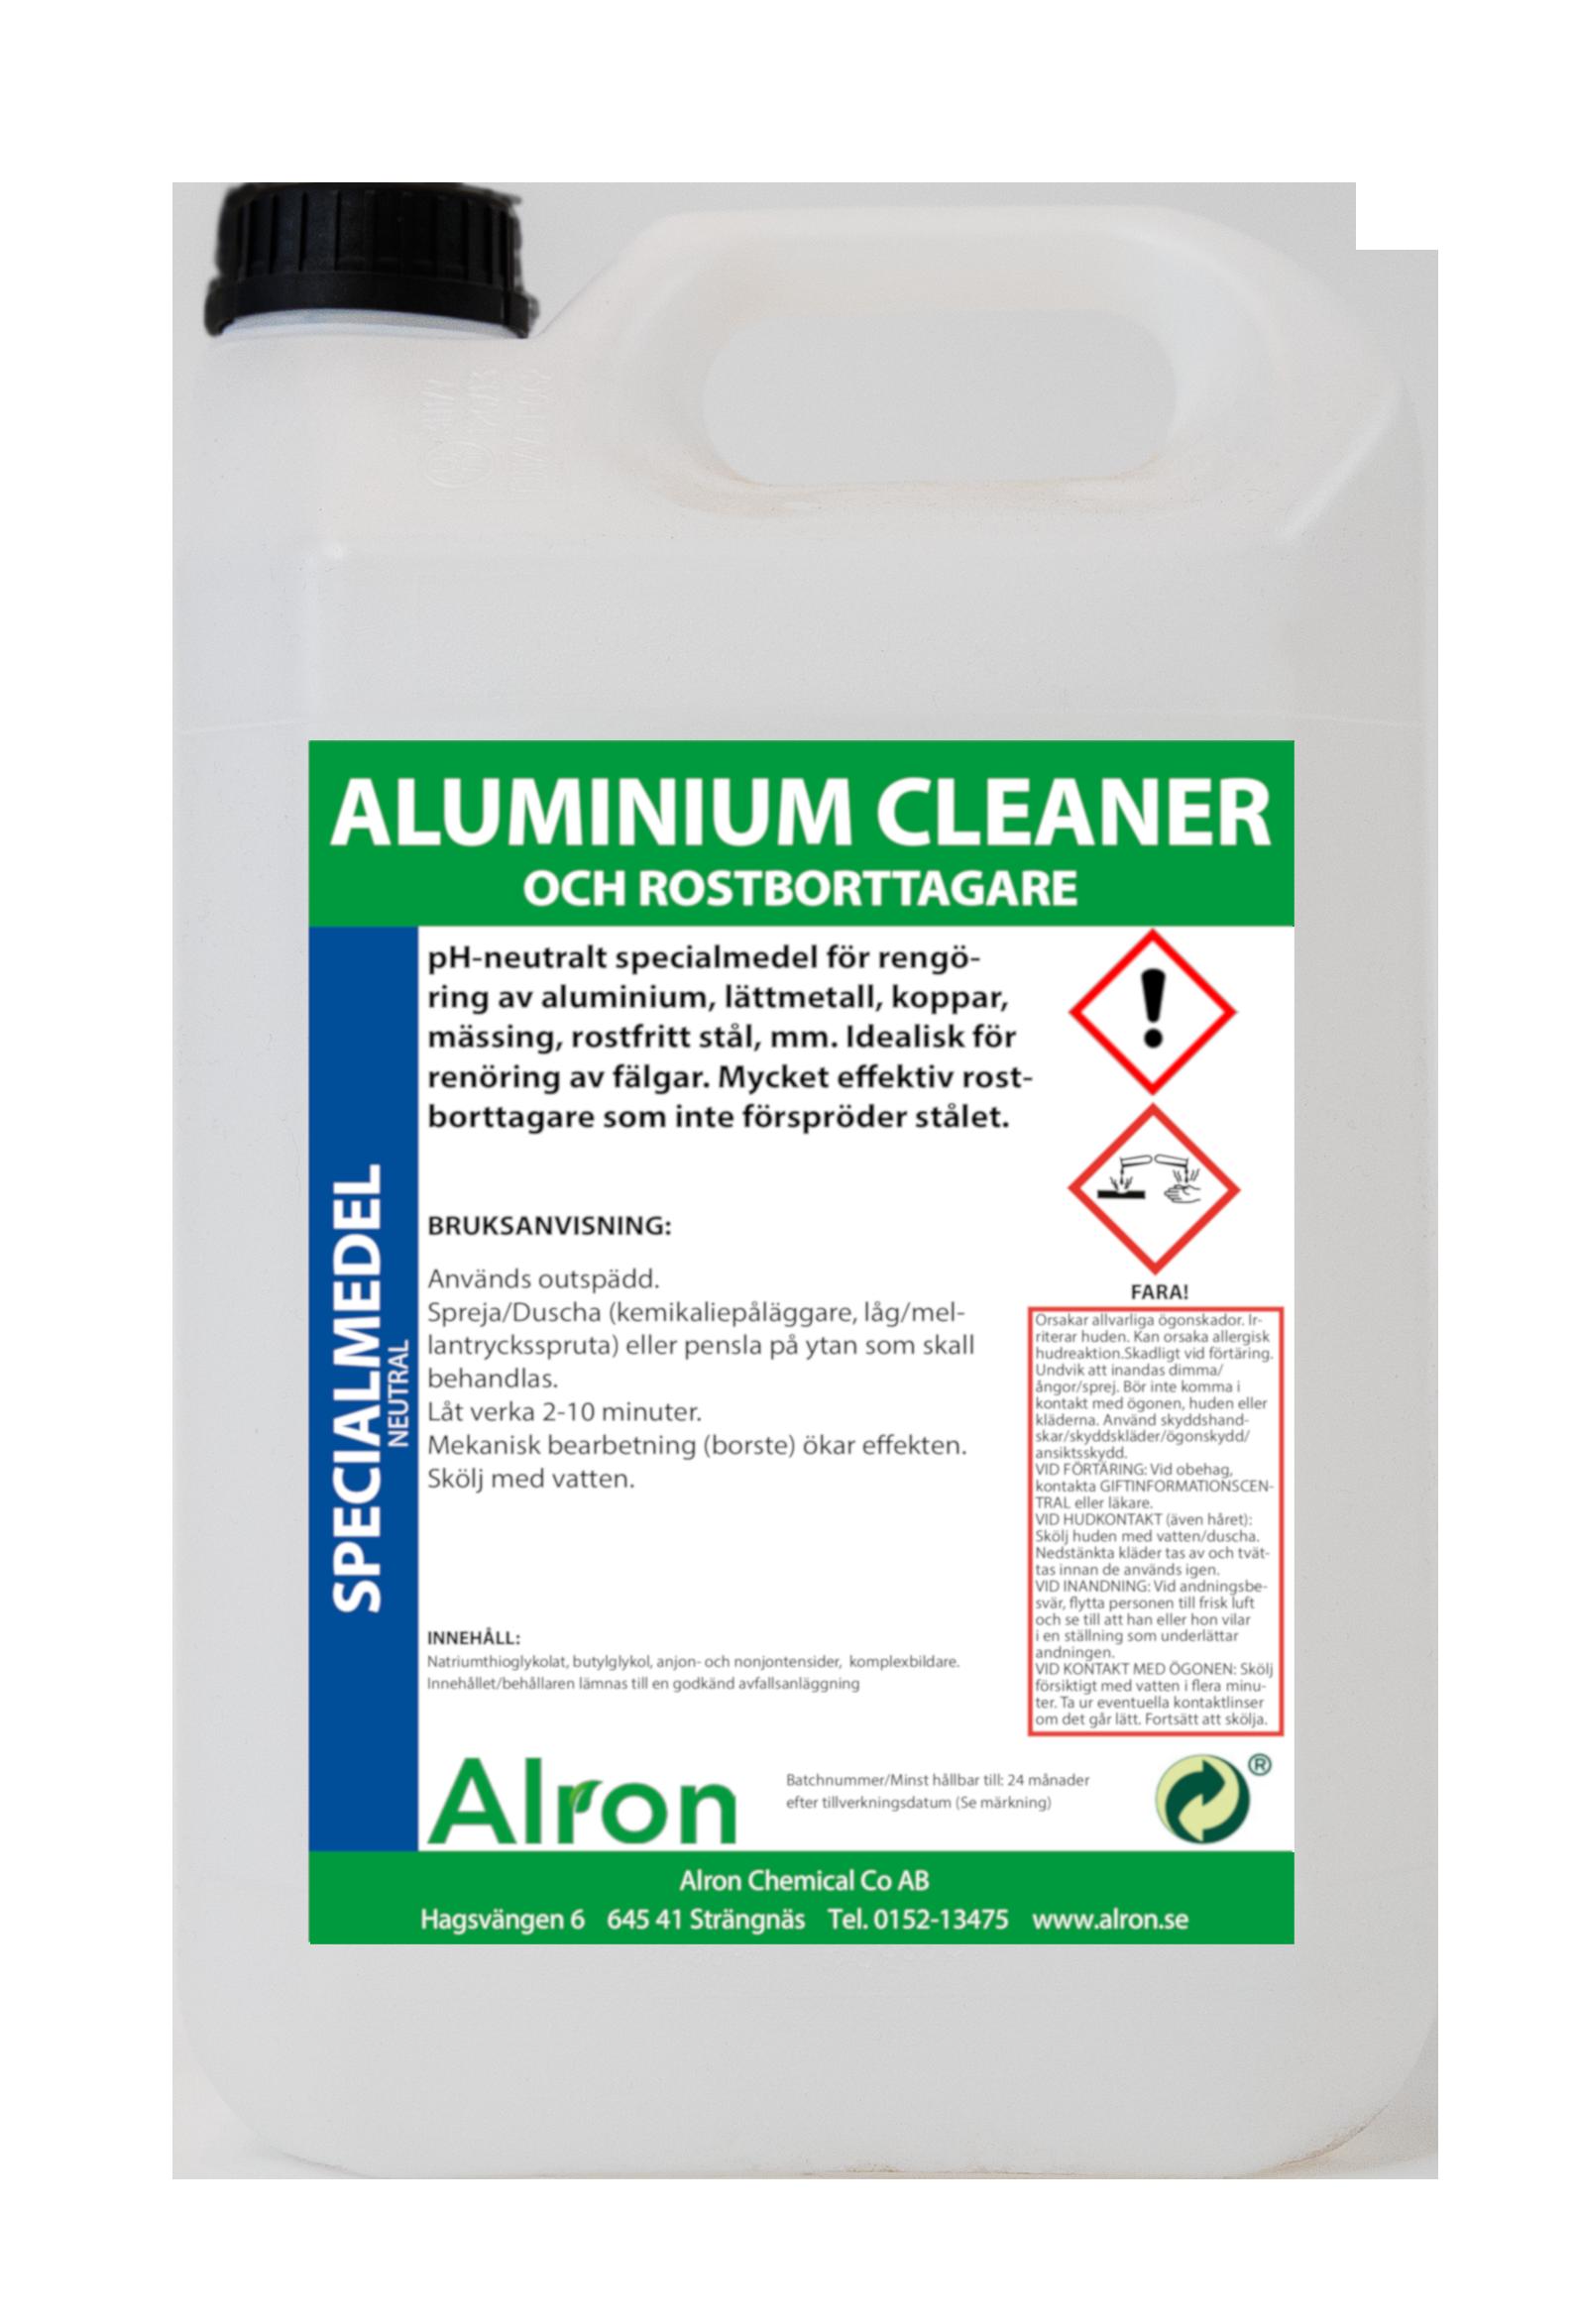 Aluminium-Cleaner2018